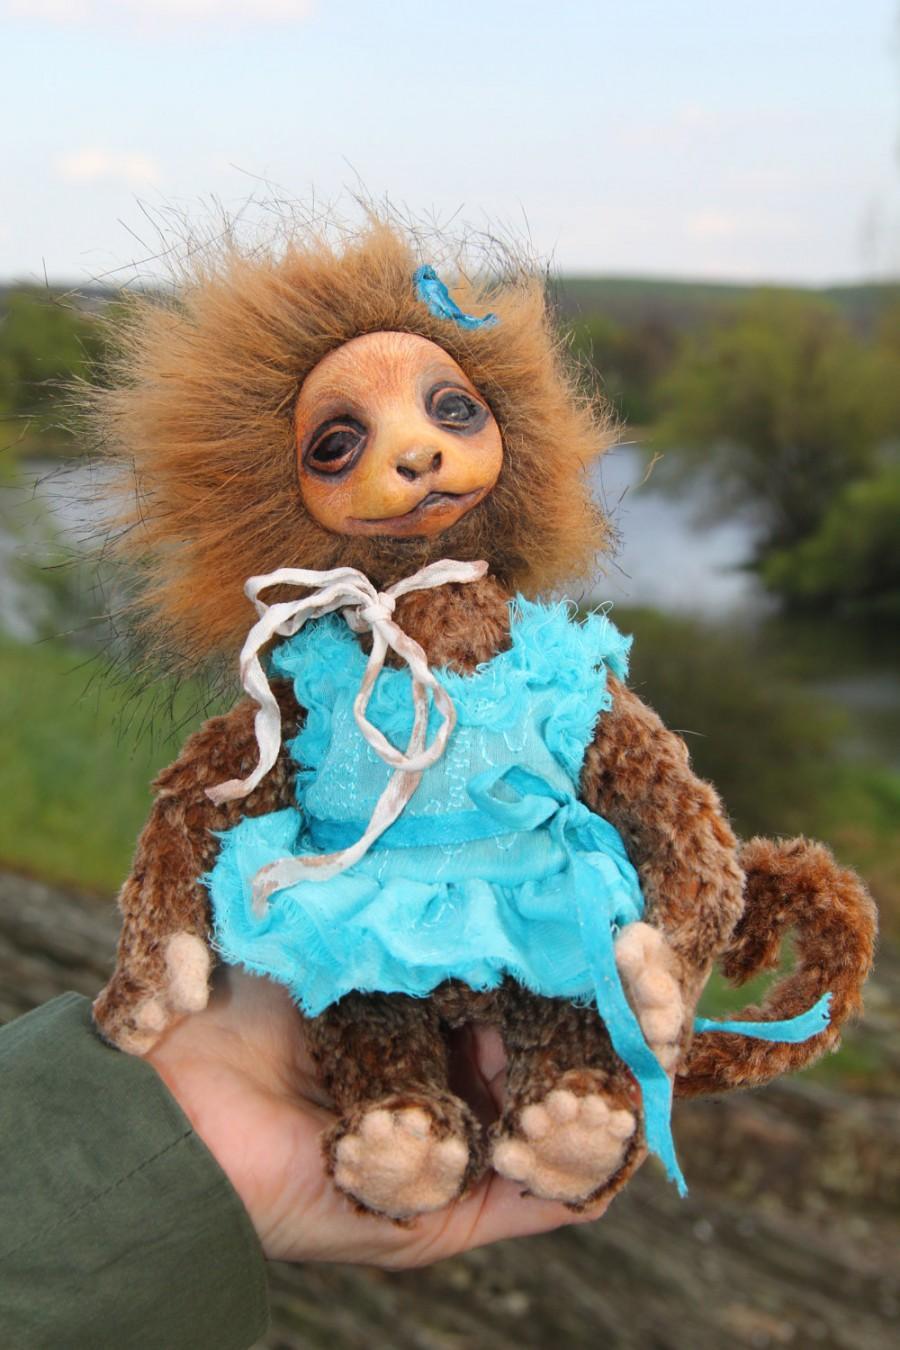 Wedding - Art Doll Teddy Doll Monkey Madhavi. Height 8 inches (20 cm).